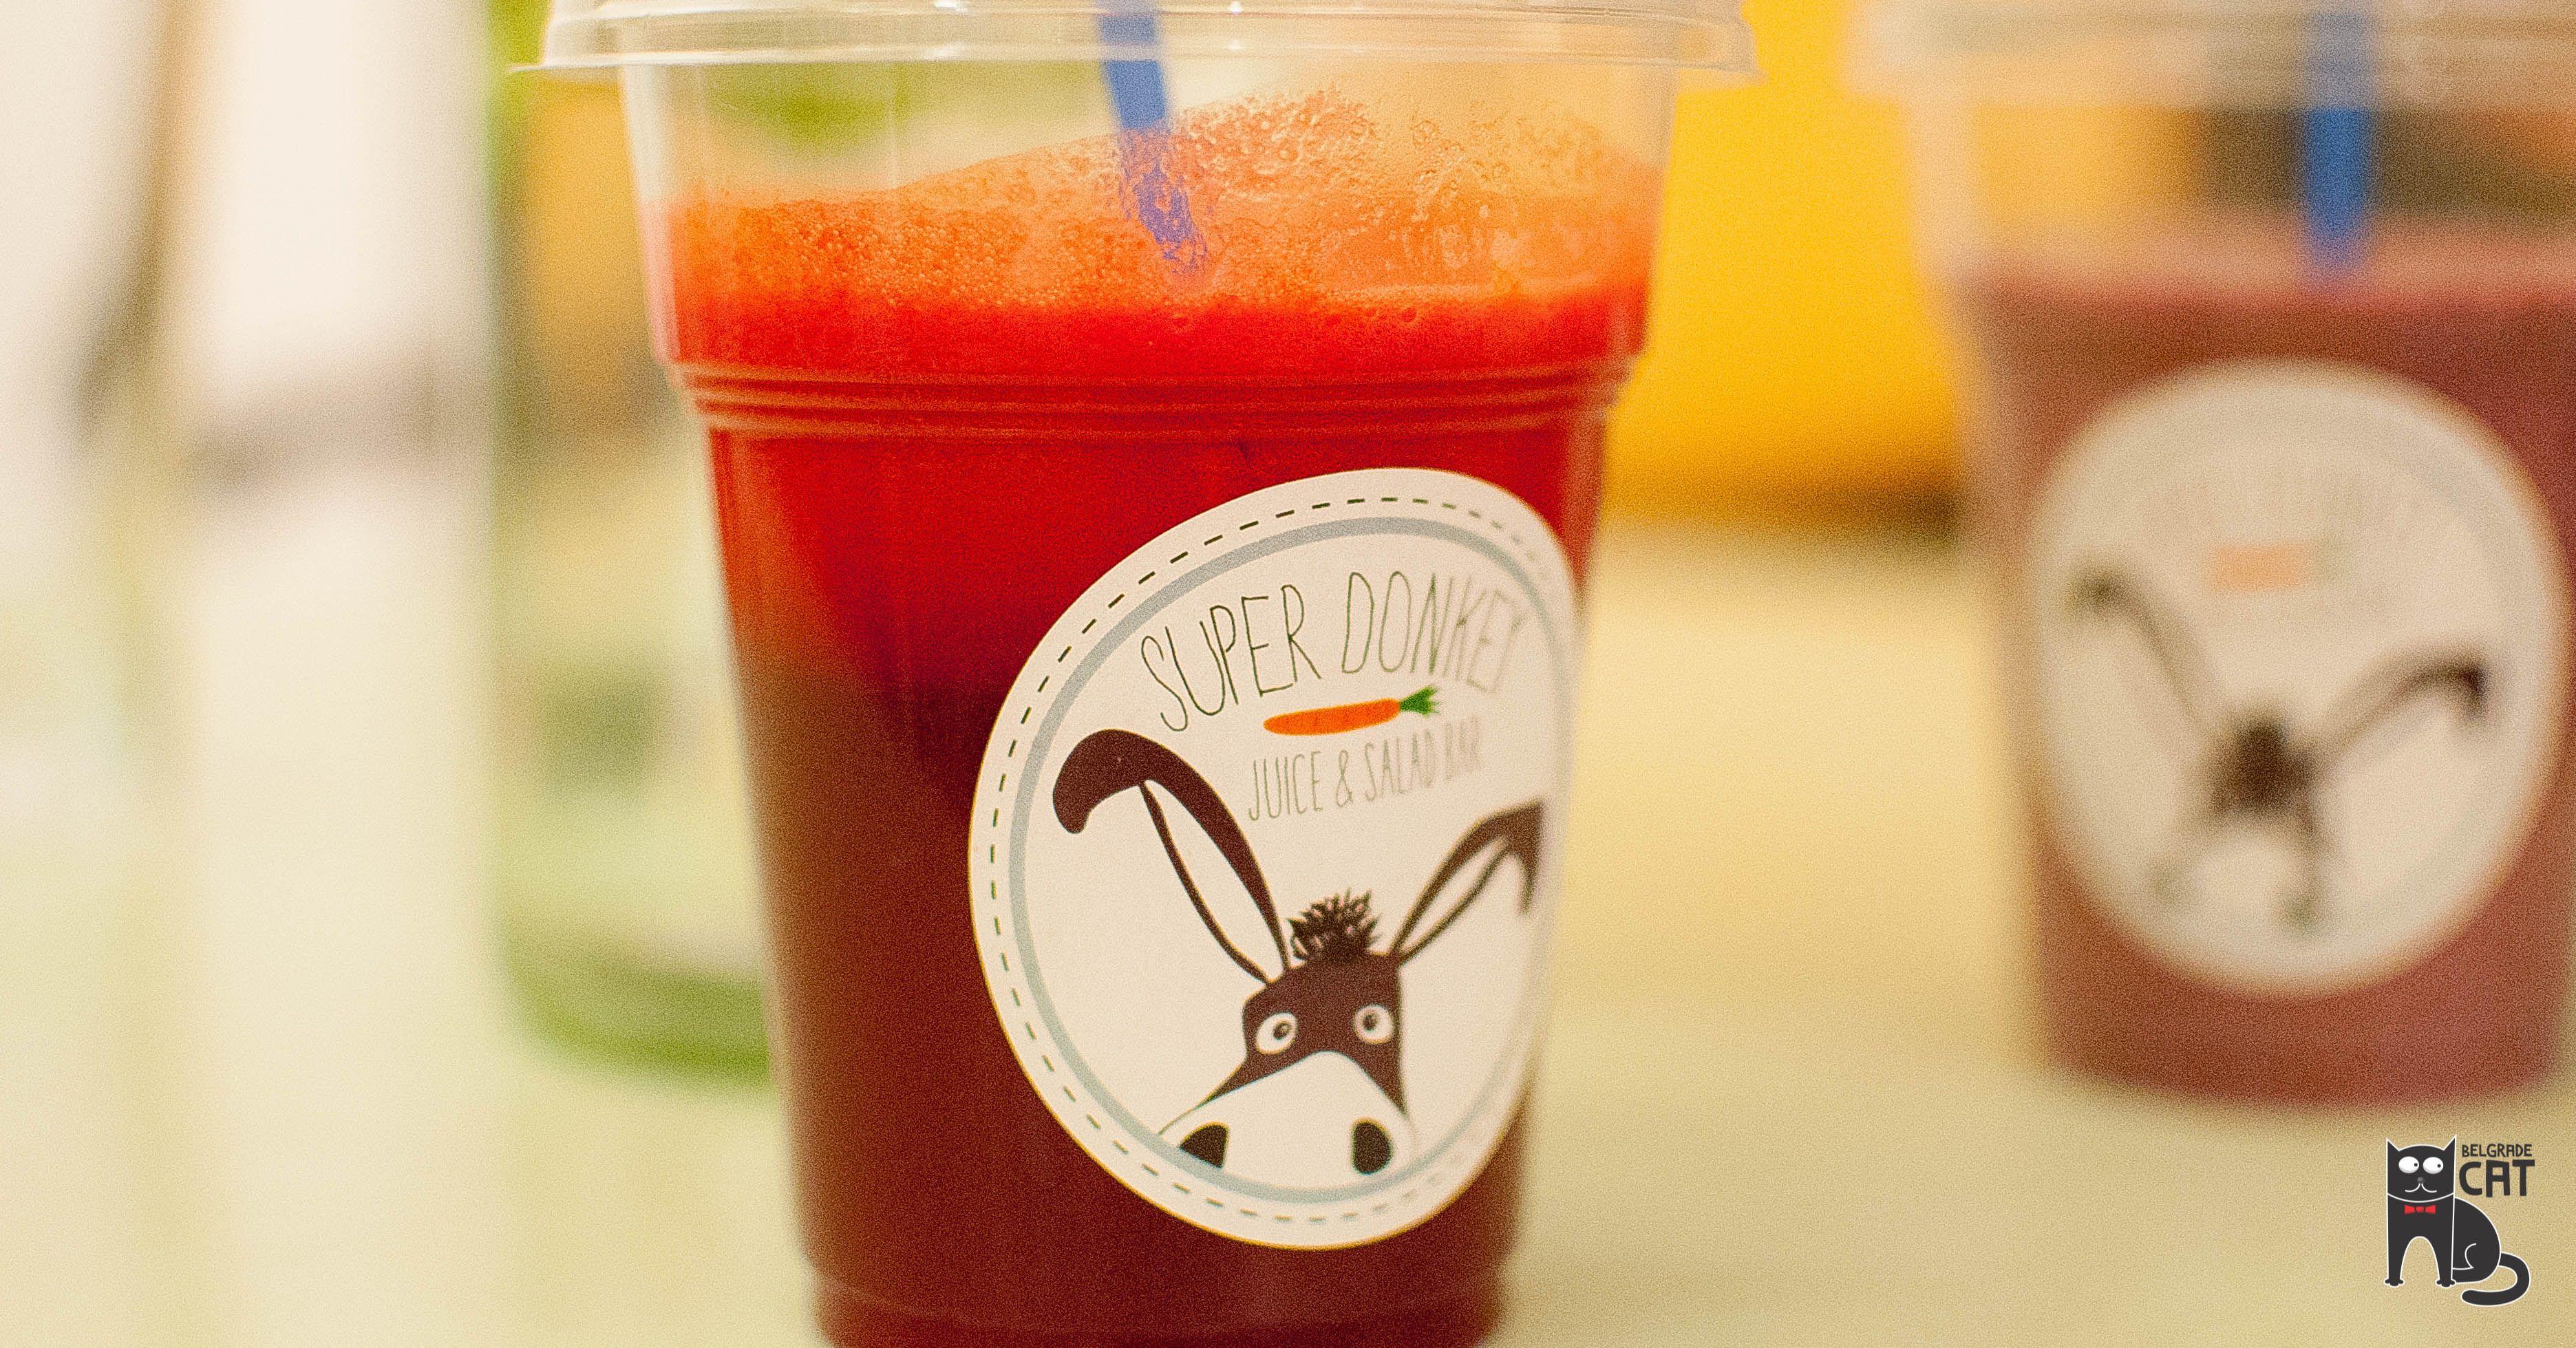 Super Donkey Smoothie Me A Juice Belgradecat Super Donkey Juice